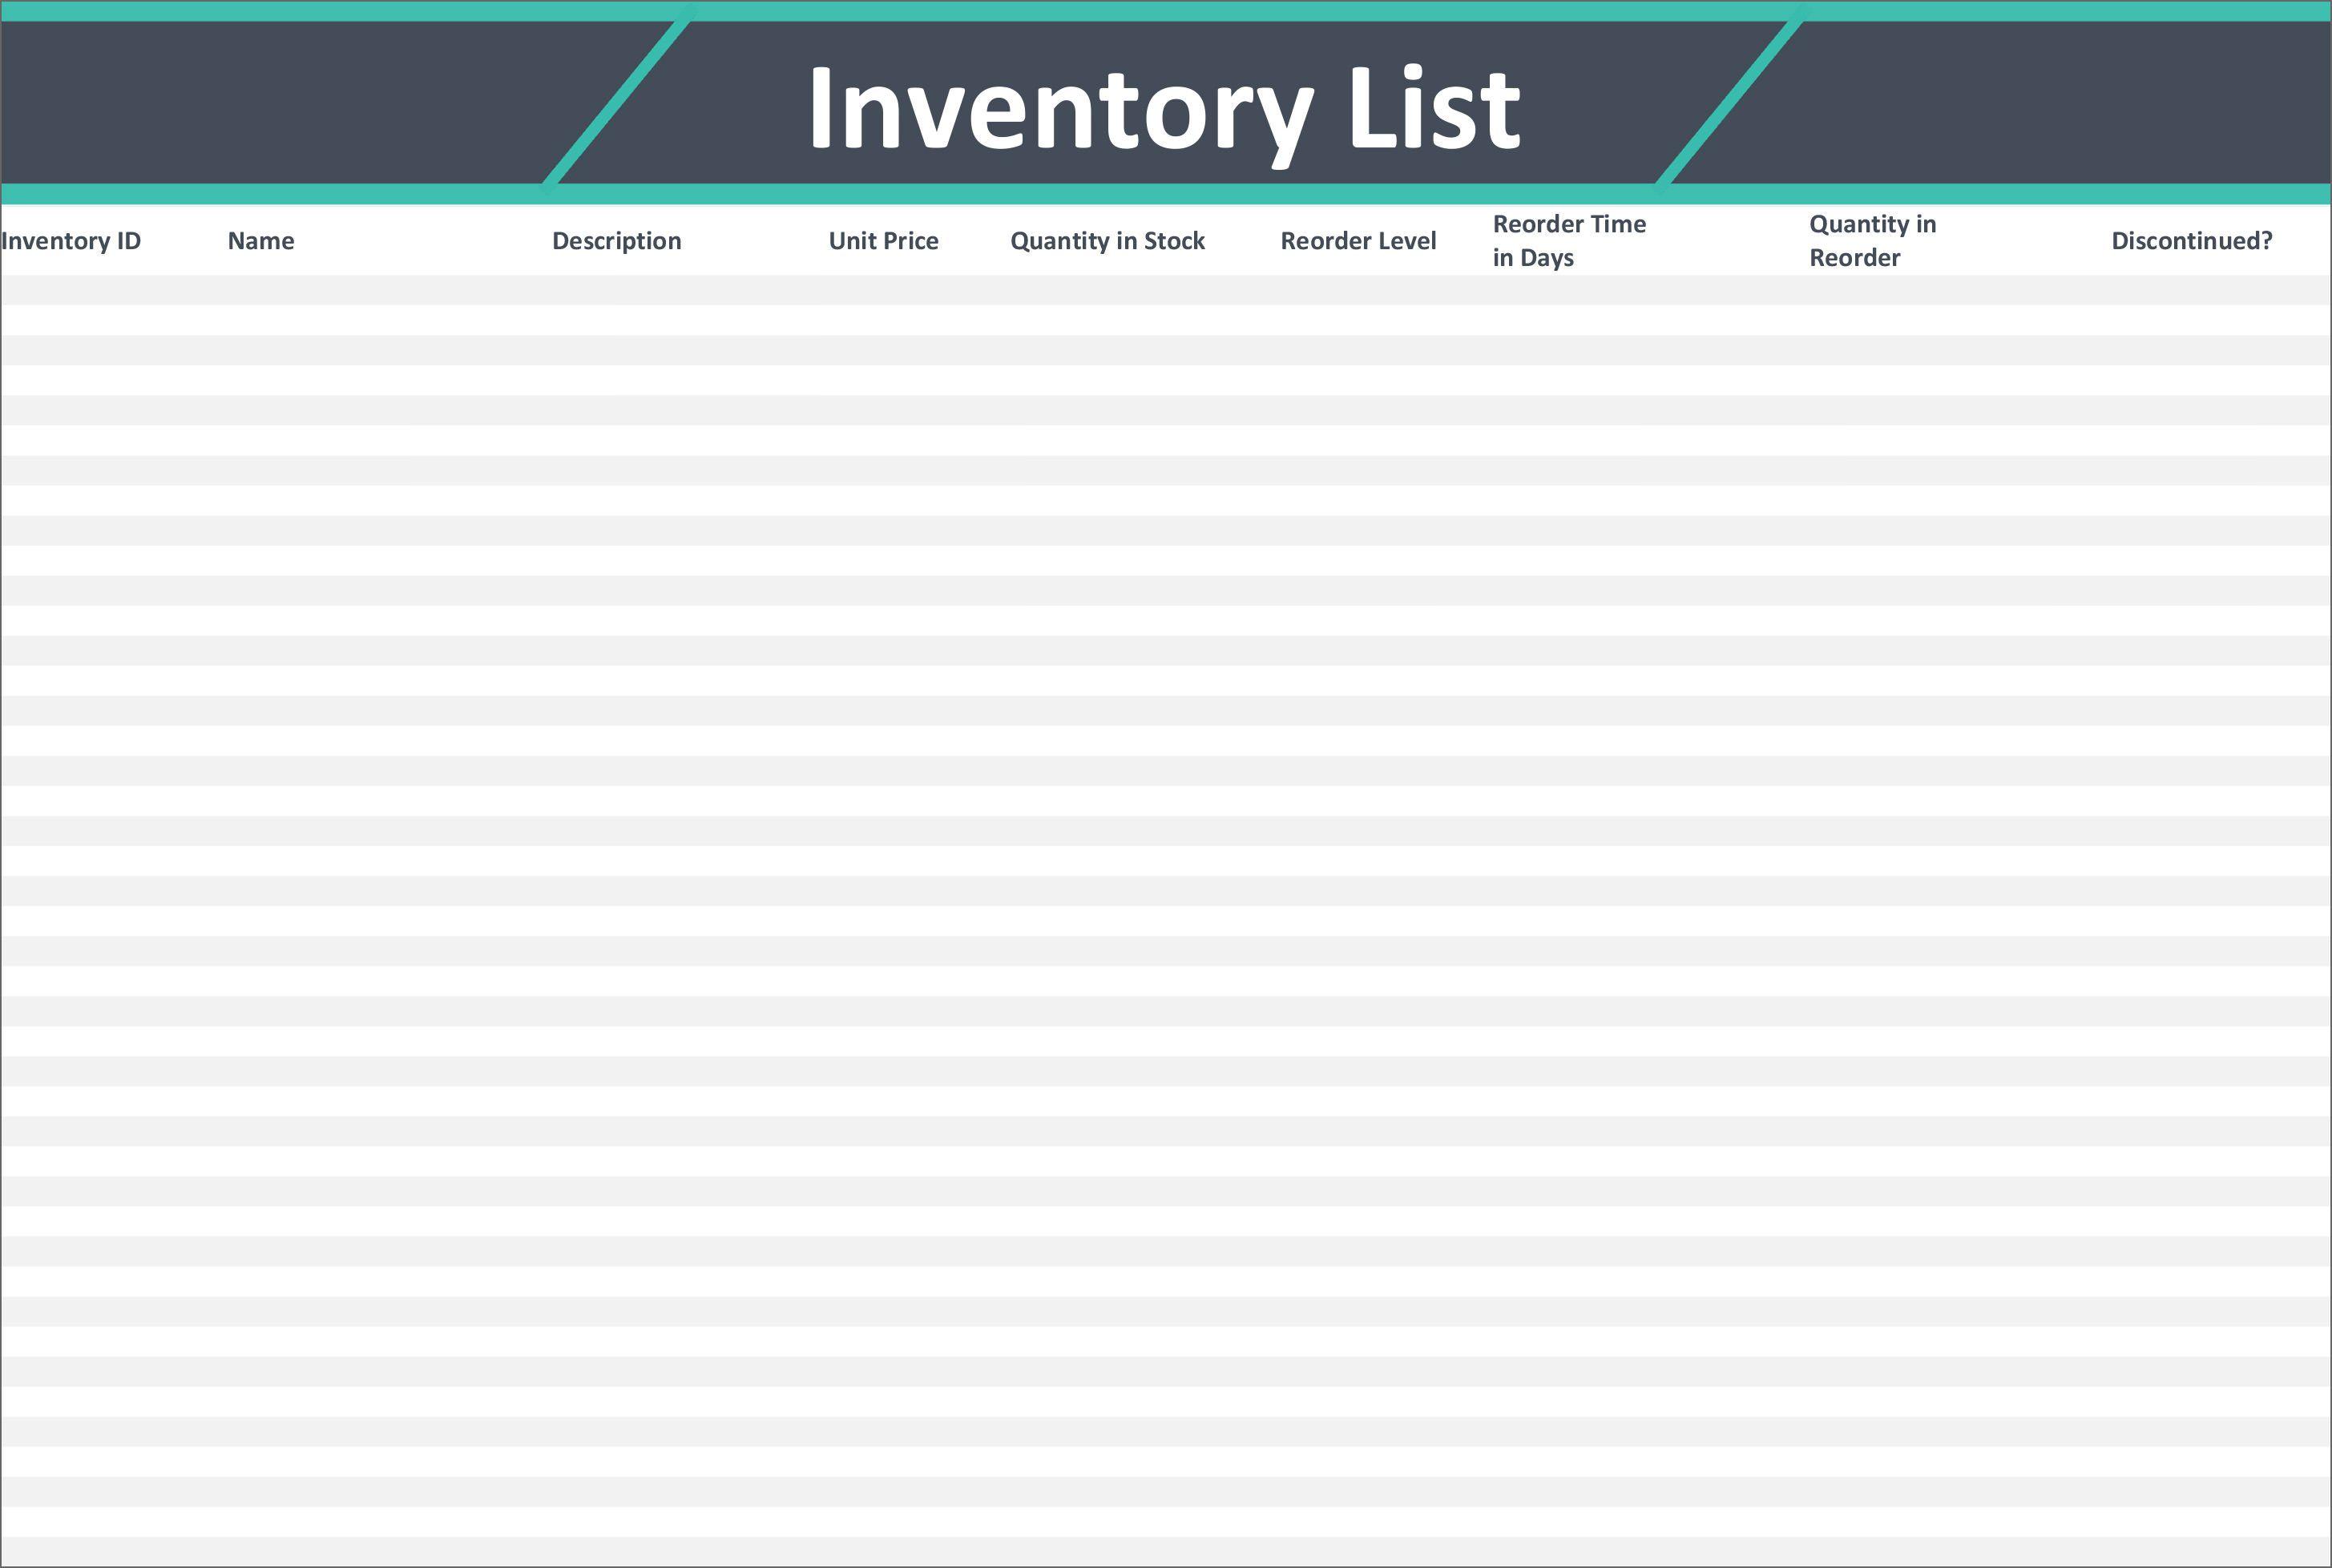 008 Astounding Free Stock Inventory Spreadsheet Template Design Full